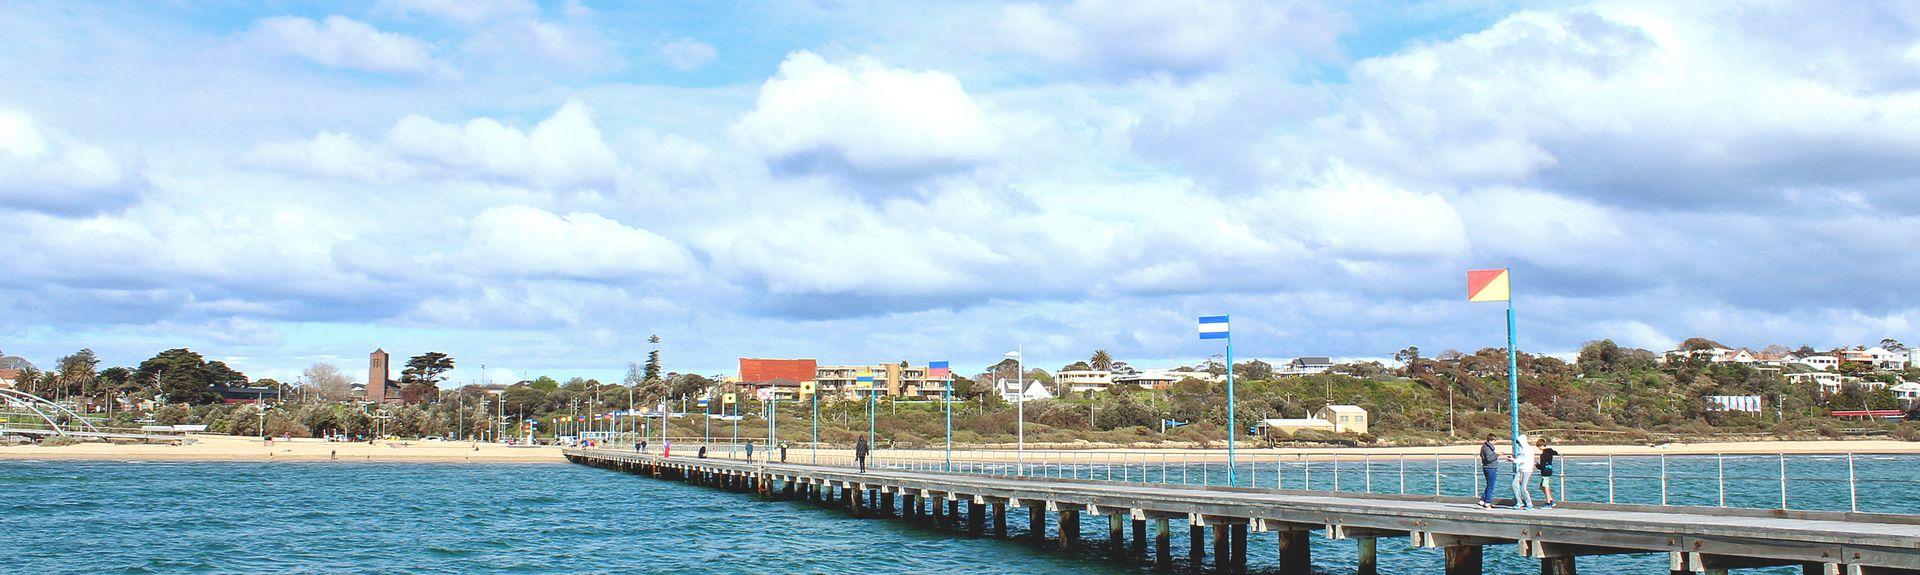 Frankston VIC, Australia